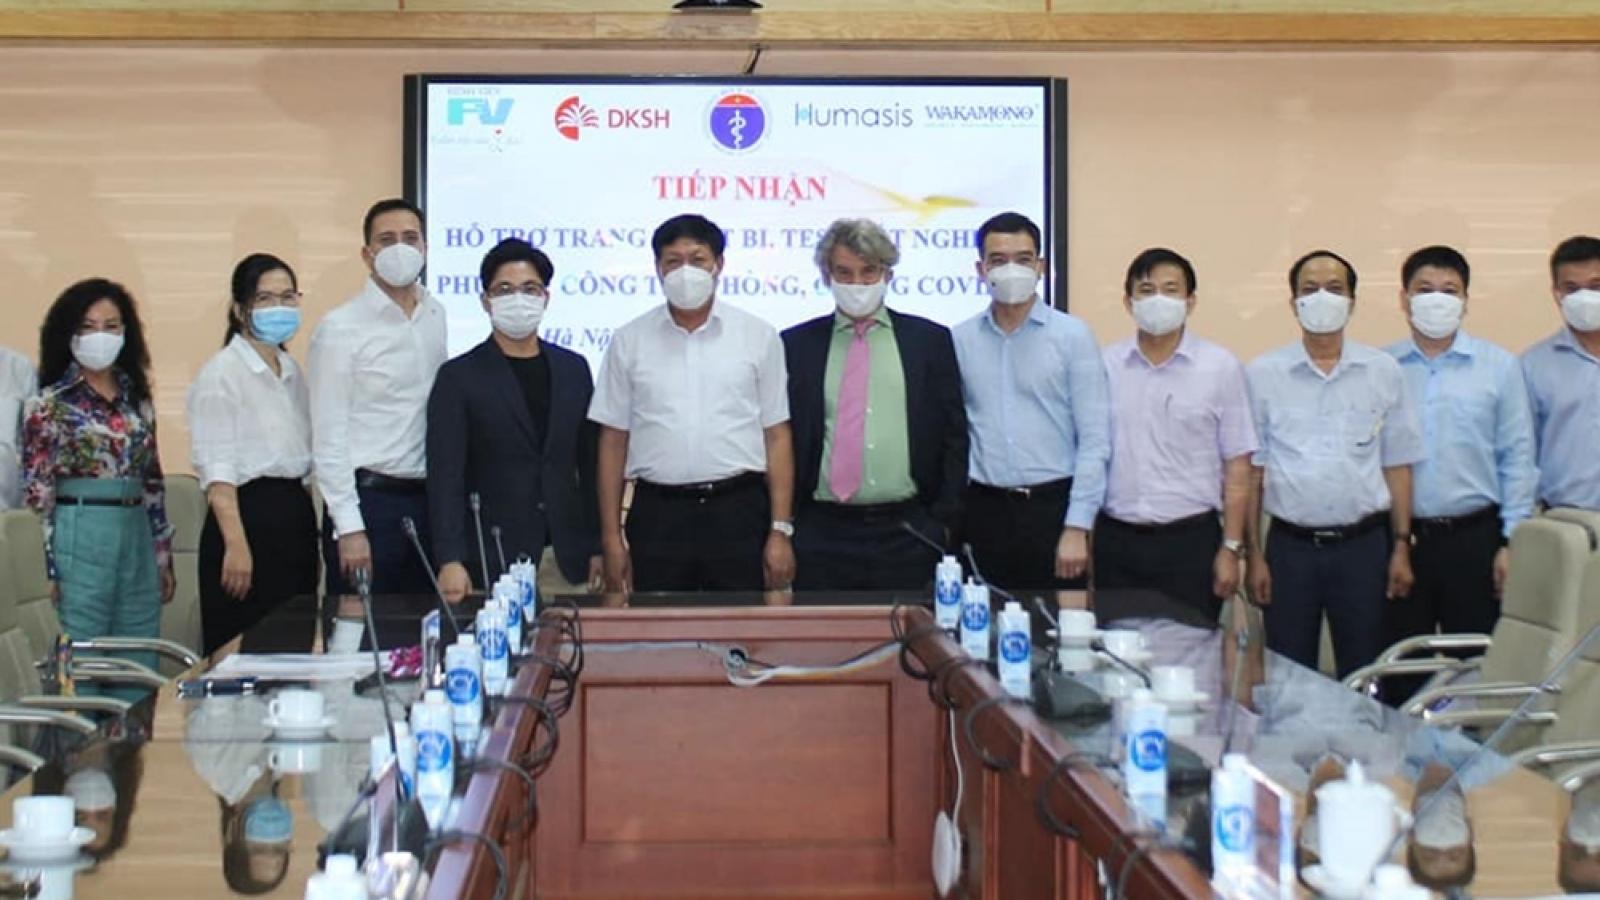 Doanh nghiệp cam kết đồng hành cùng Bộ Y tế trong phòng, chống dịch COVID-19